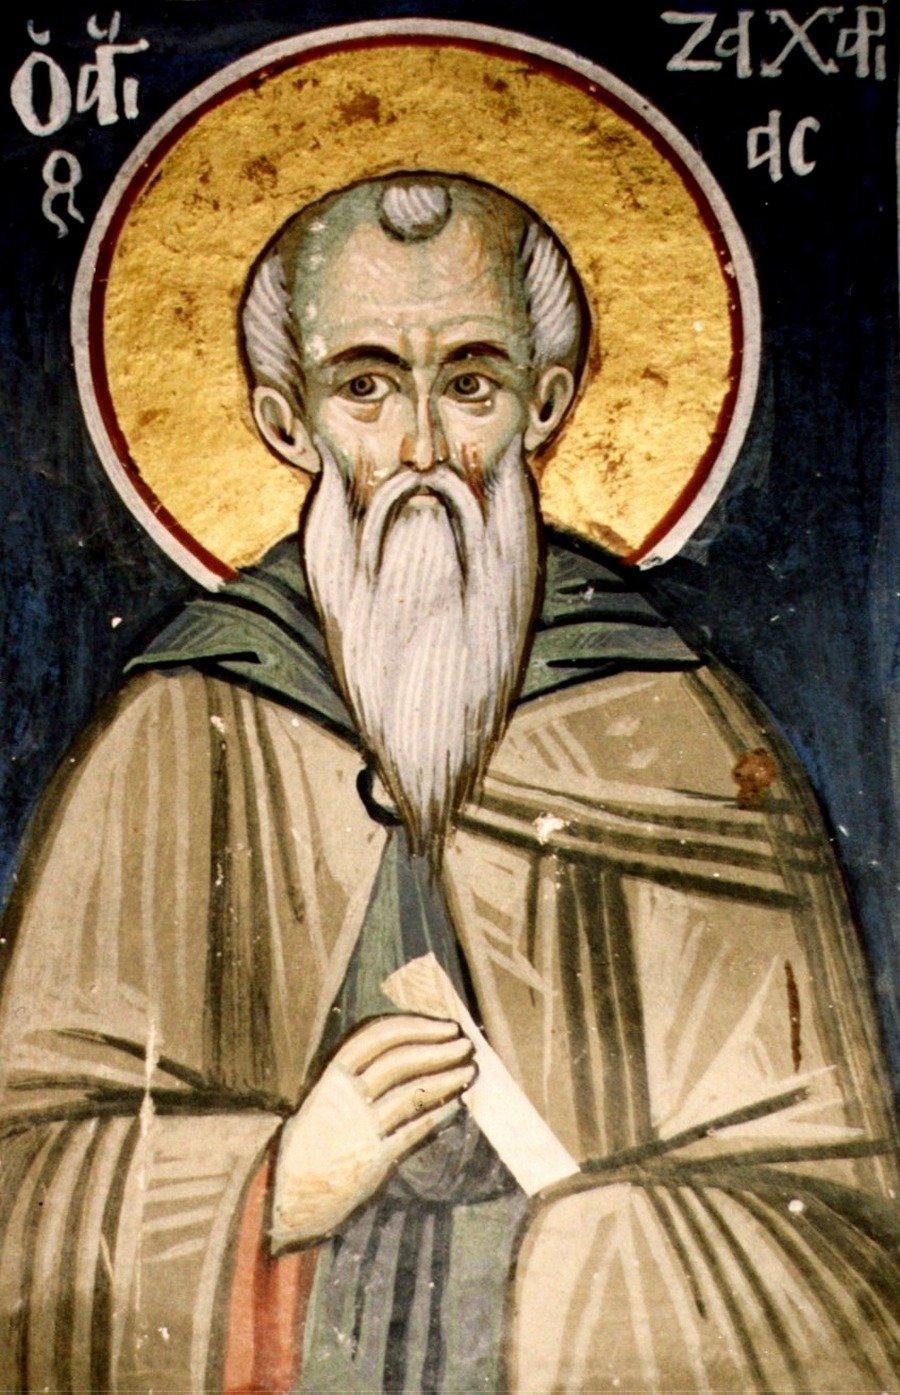 Святой Преподобный Захария Отверстый, монах.